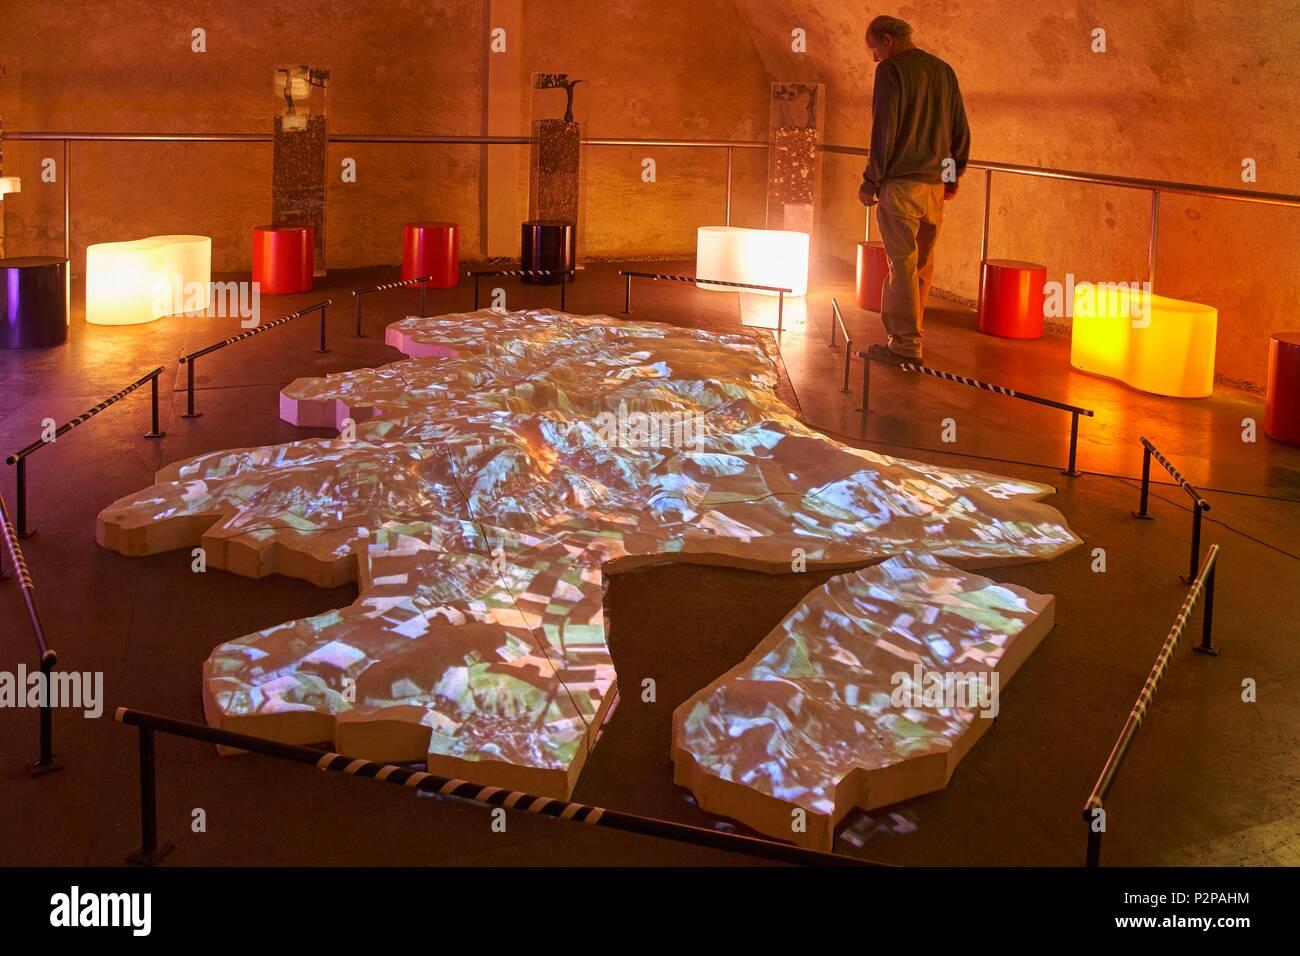 Sancerre France Map.France Cher Sancerre House Of Sancerre Relief Map To Discover